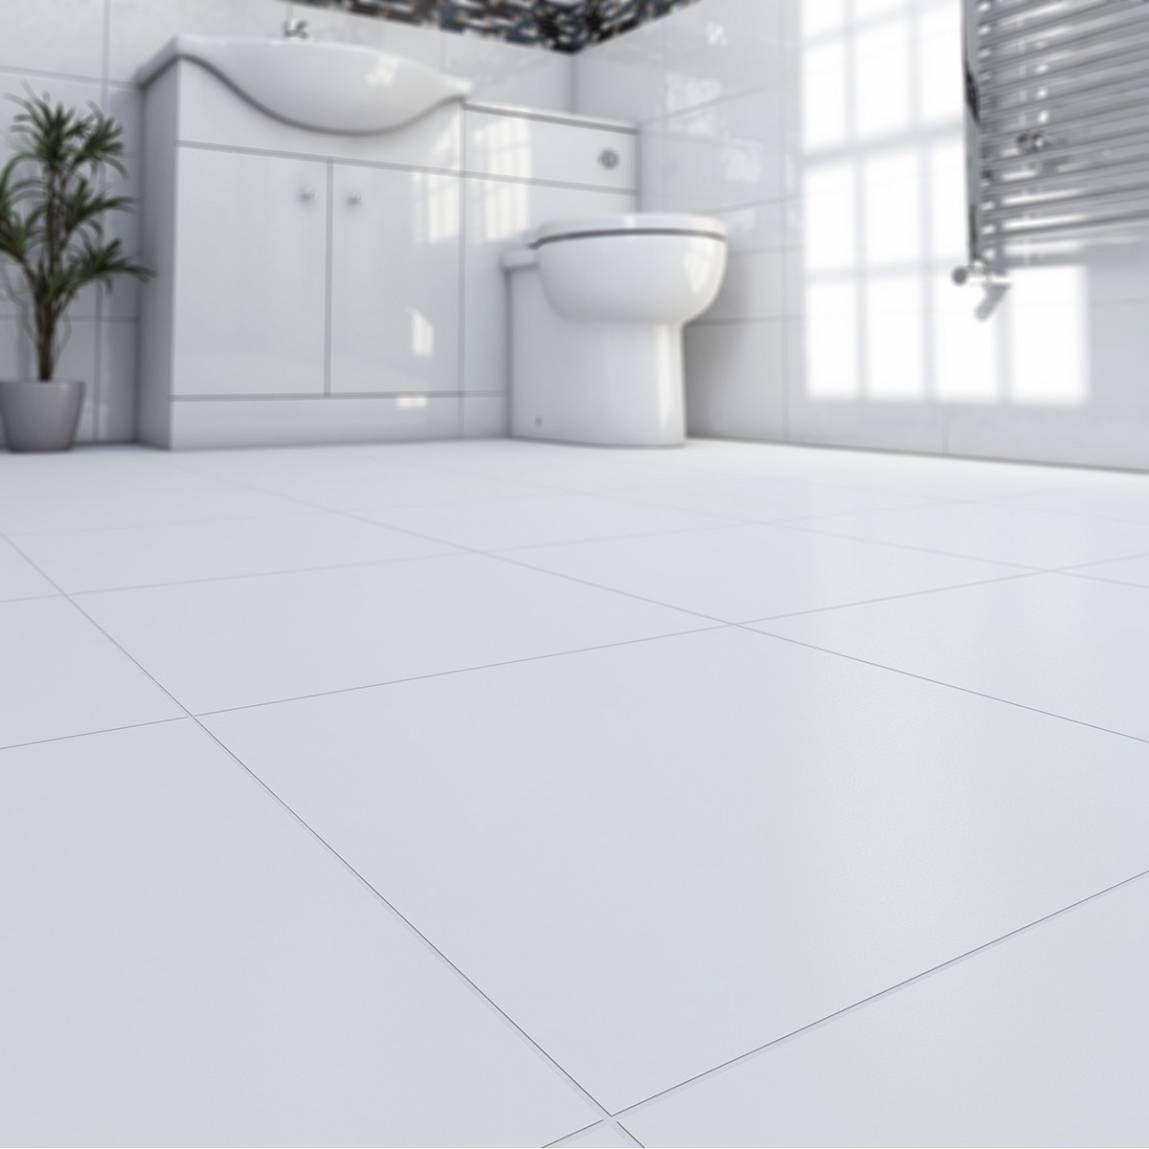 8 X 8 Floor Tile Asbestos Httpnextsoft21 Pinterest